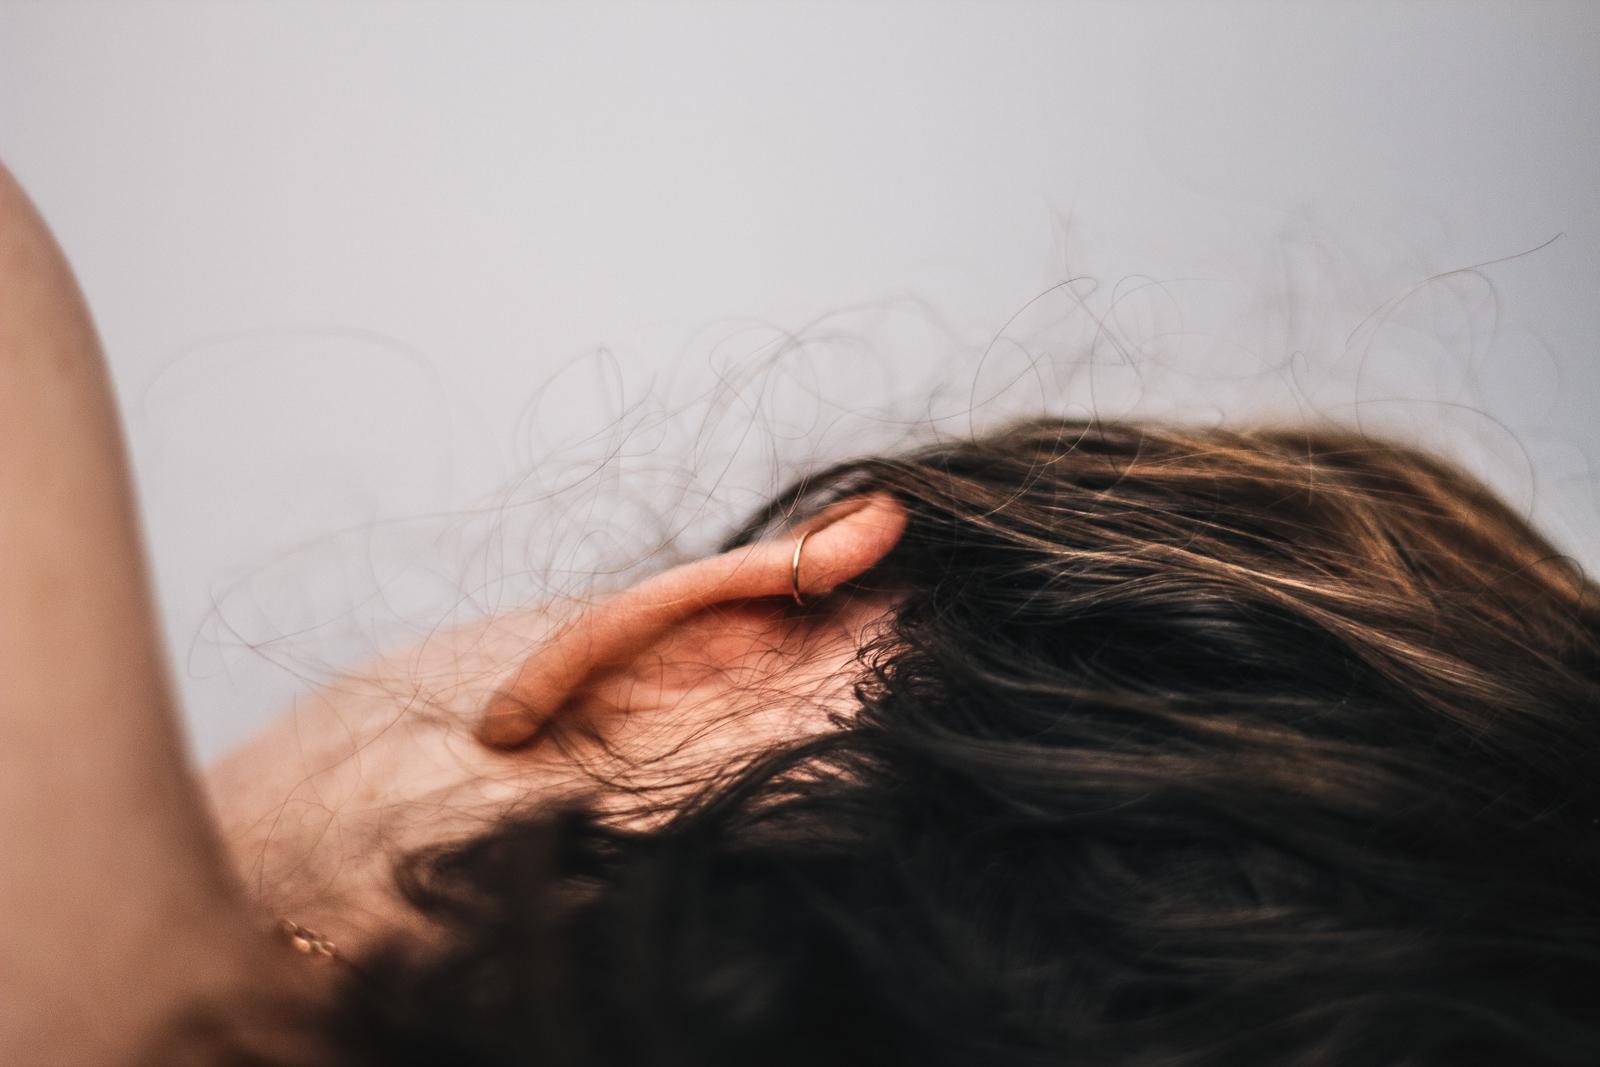 Einfach mal Abschalten - Tipps für mehr Entspannung im Alltag - Entspannungstipps für zu Hause - abschalten aber wie? - Lösung um im Alltag zu entspannen - Fashionladyloves by Tamara Wagner - österreichische Bloggerin